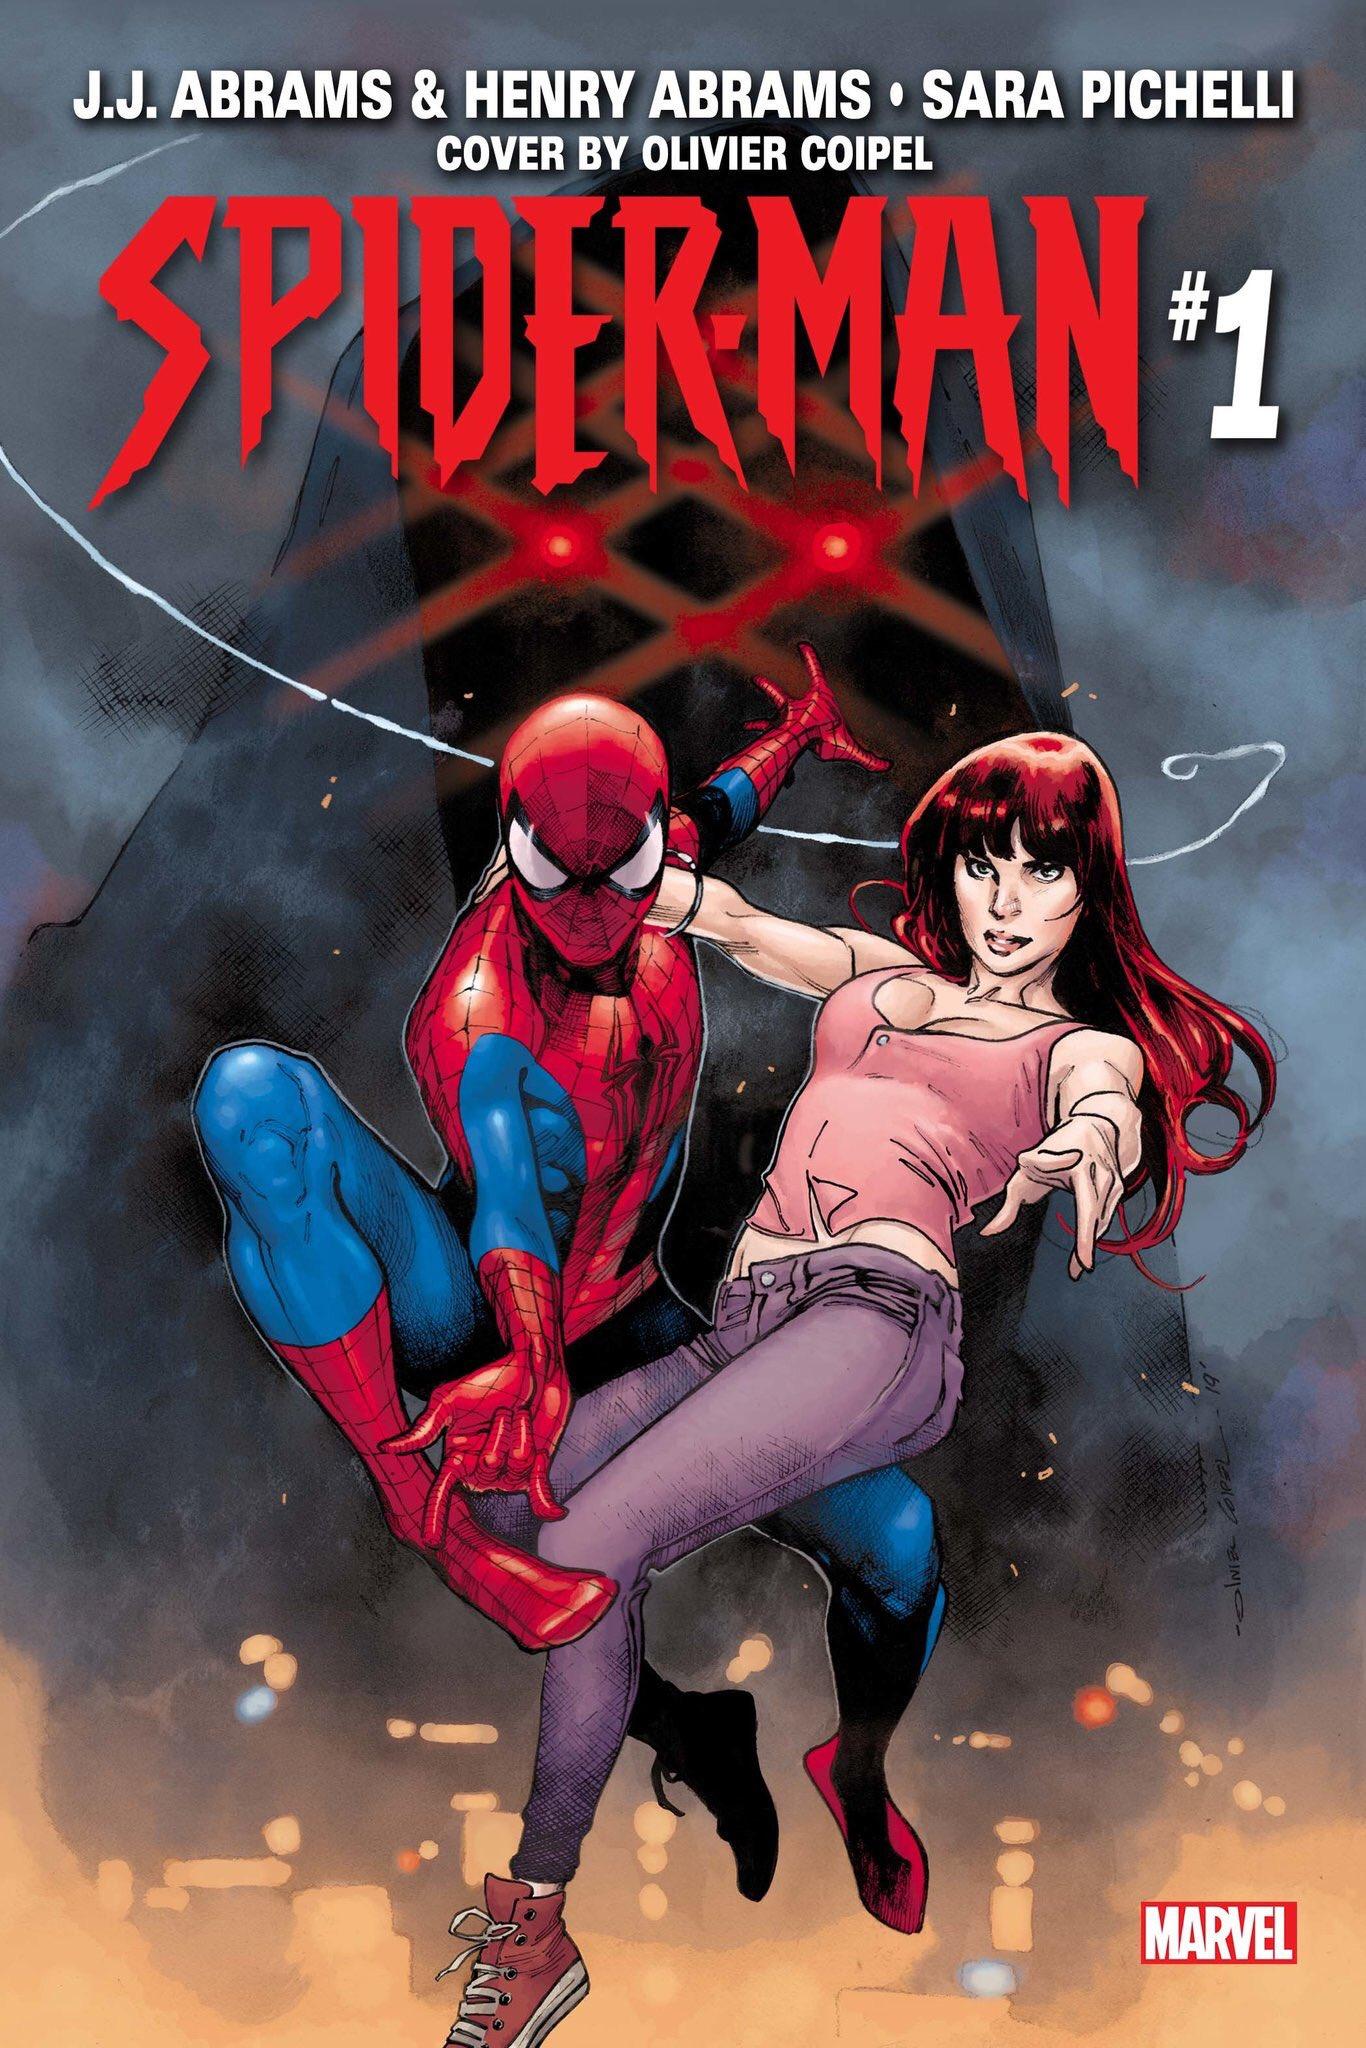 Spider-Man JJ Abrams Henry Abrams cover